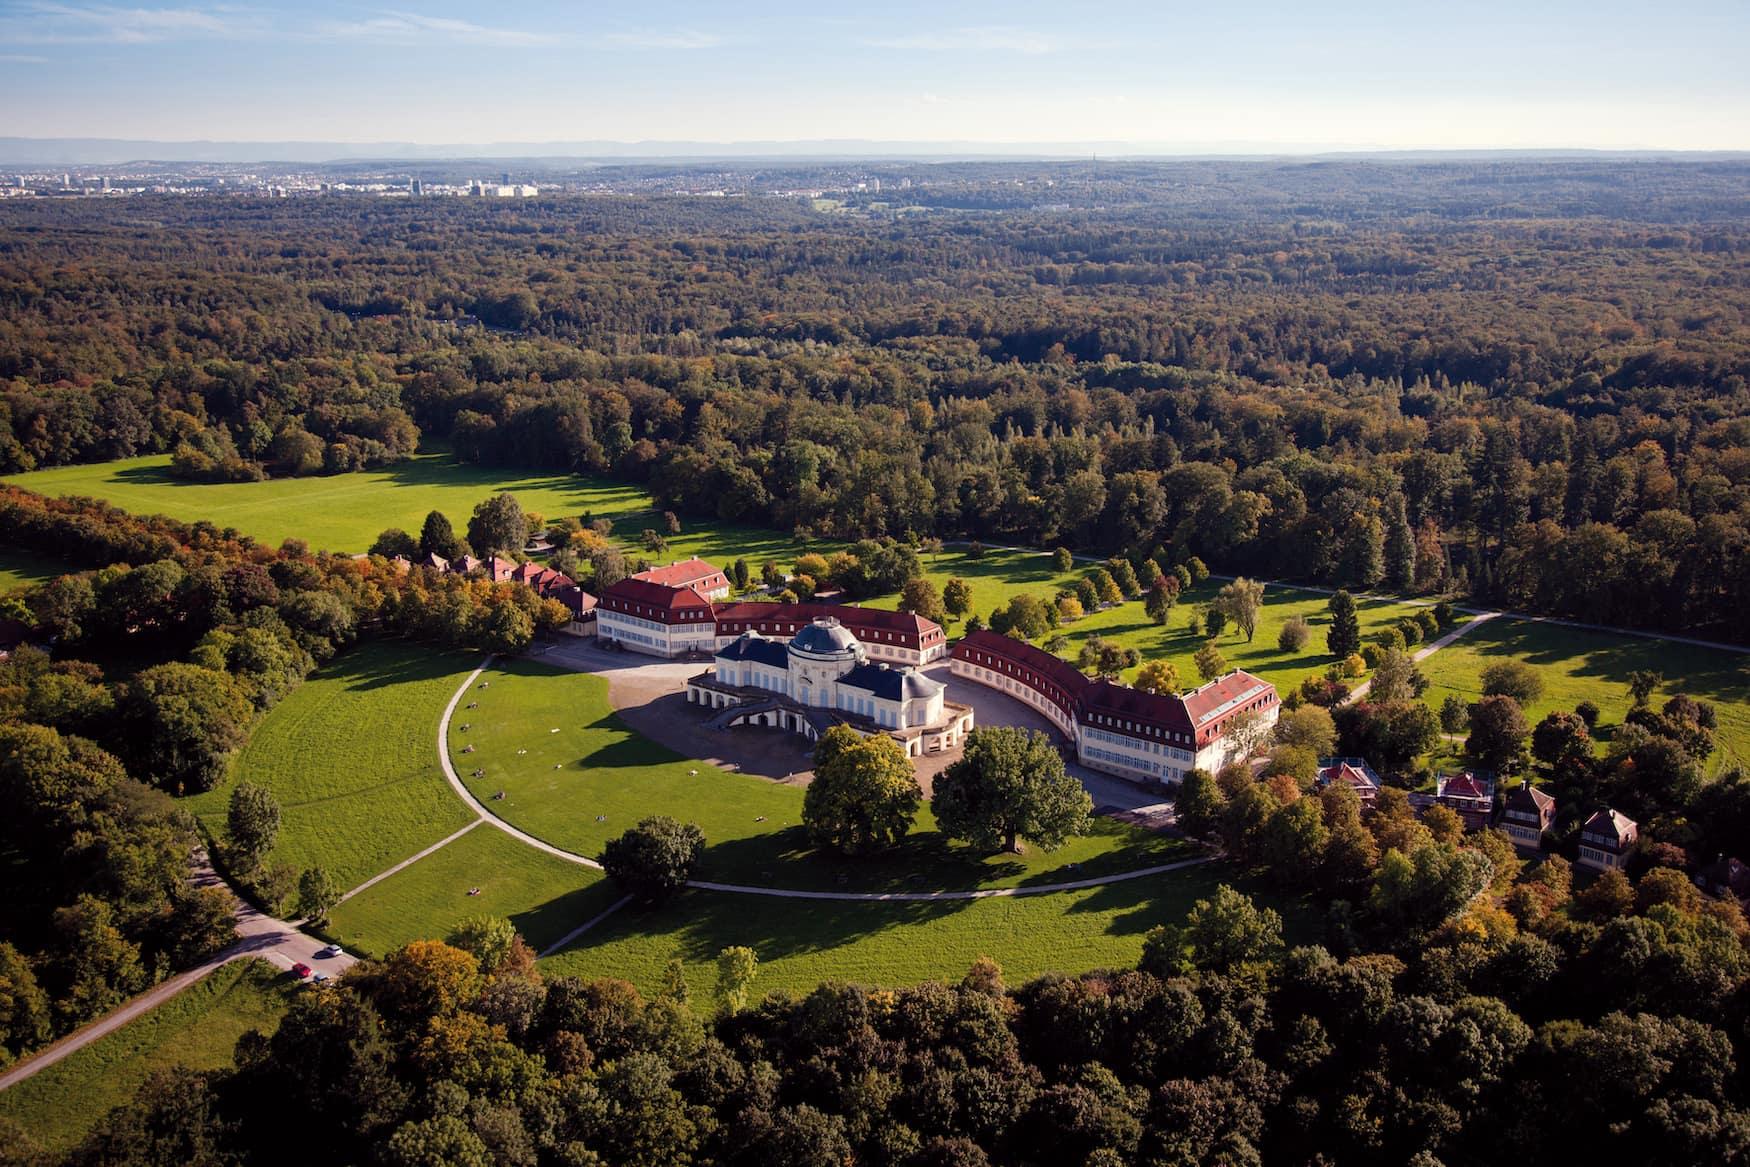 Urlaub mit dem Fahrrad: Eine Tour durch Stuttgart zum Schloss Solitude